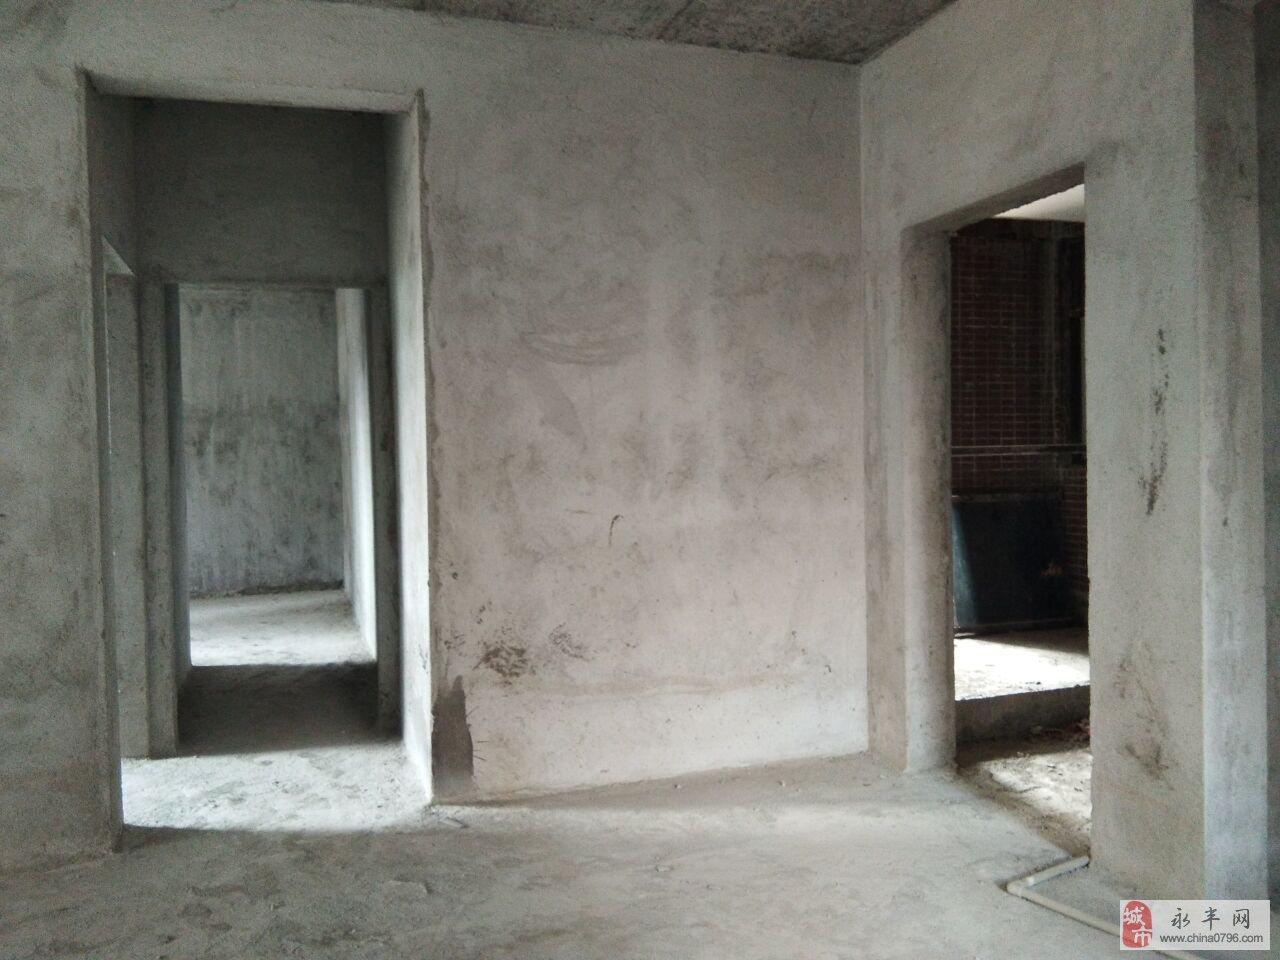 君天御景湾3室2厅2卫85万元  黄金楼层